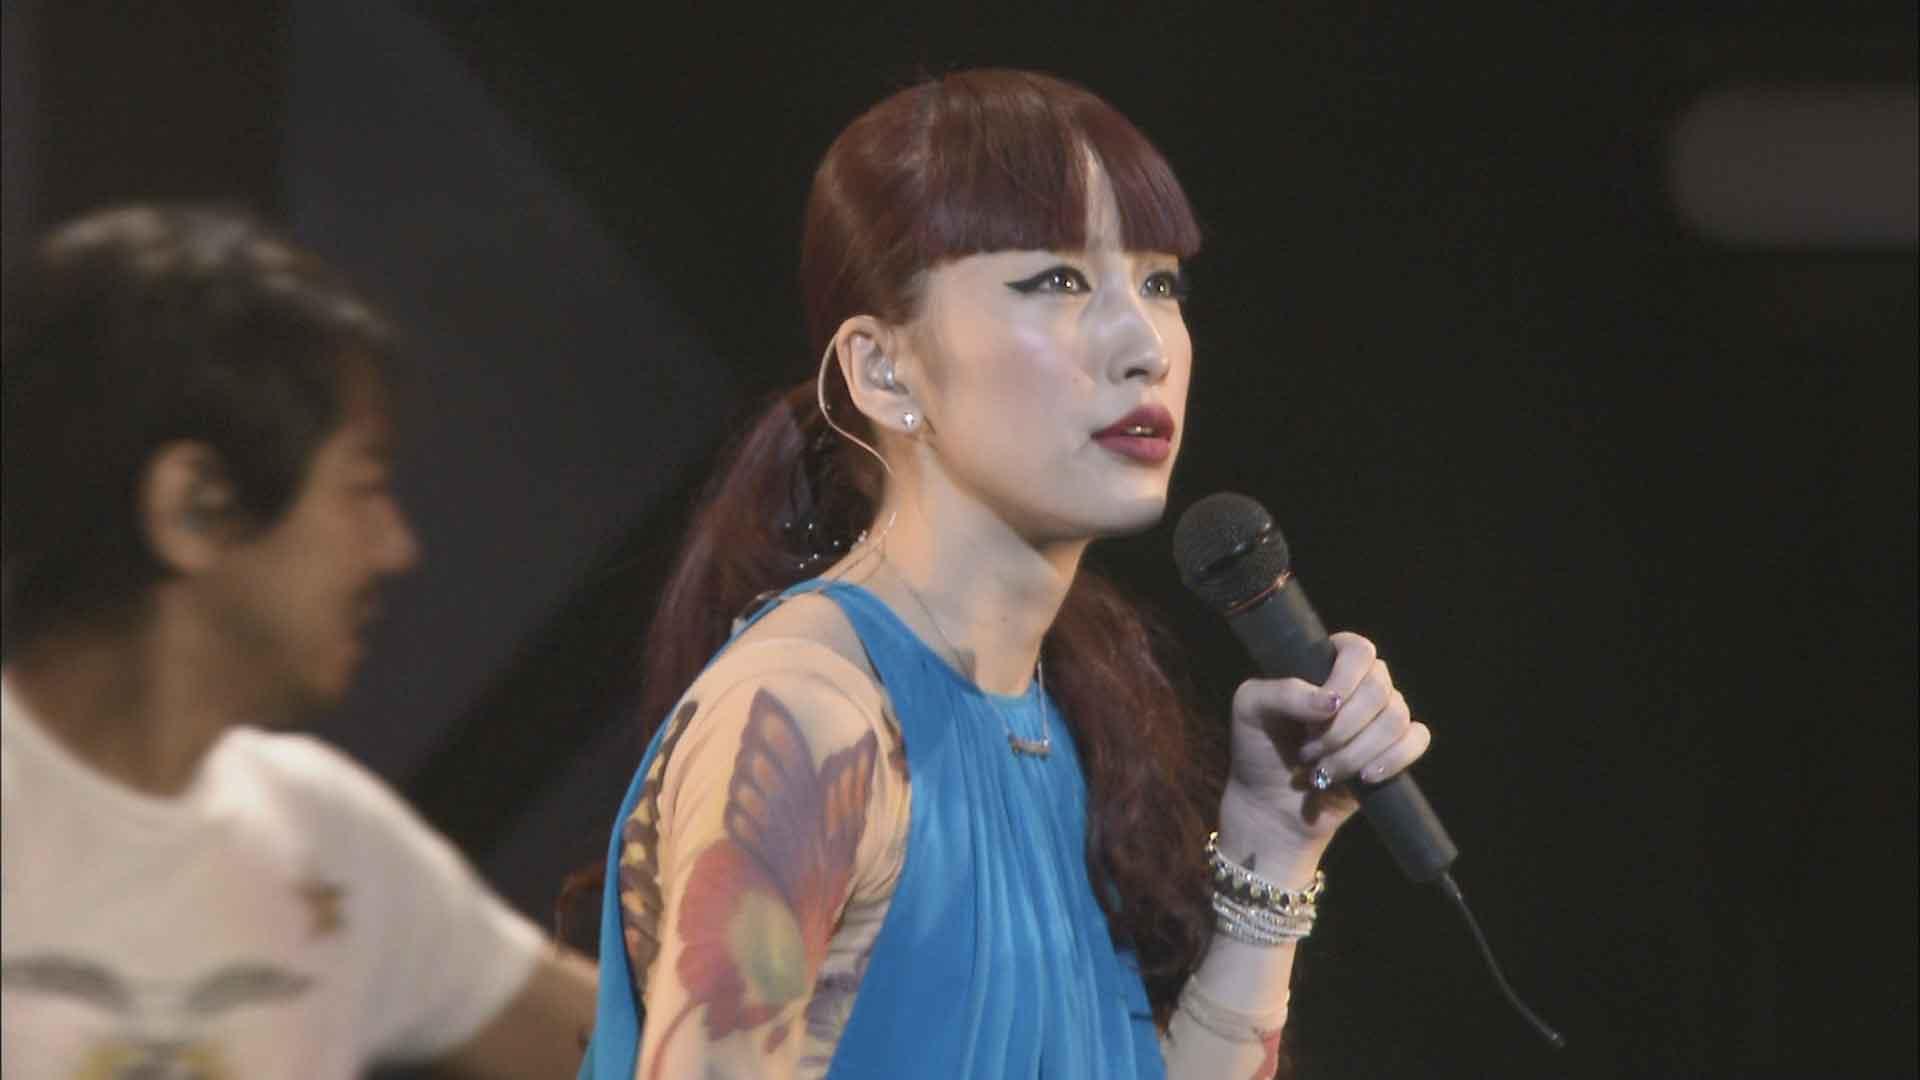 [蓝光原盘] 中岛美嘉2009年日本巡回演唱会《ISO 39.5G》